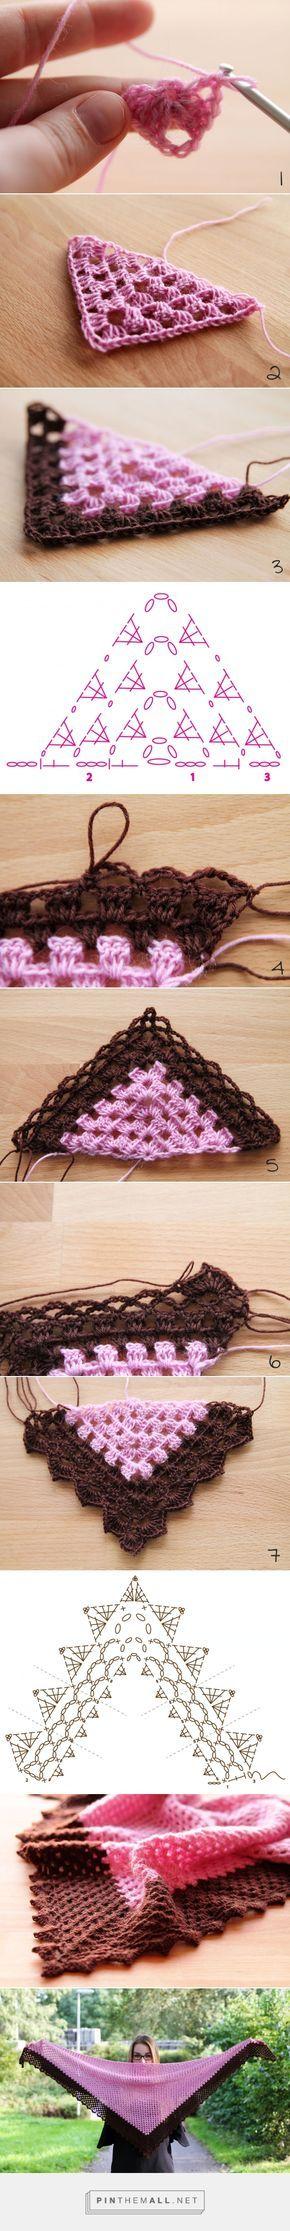 Muster: Weinlese-süße Schal (DE) ... - eine gruppierte Bilder Bild - Pin Them All